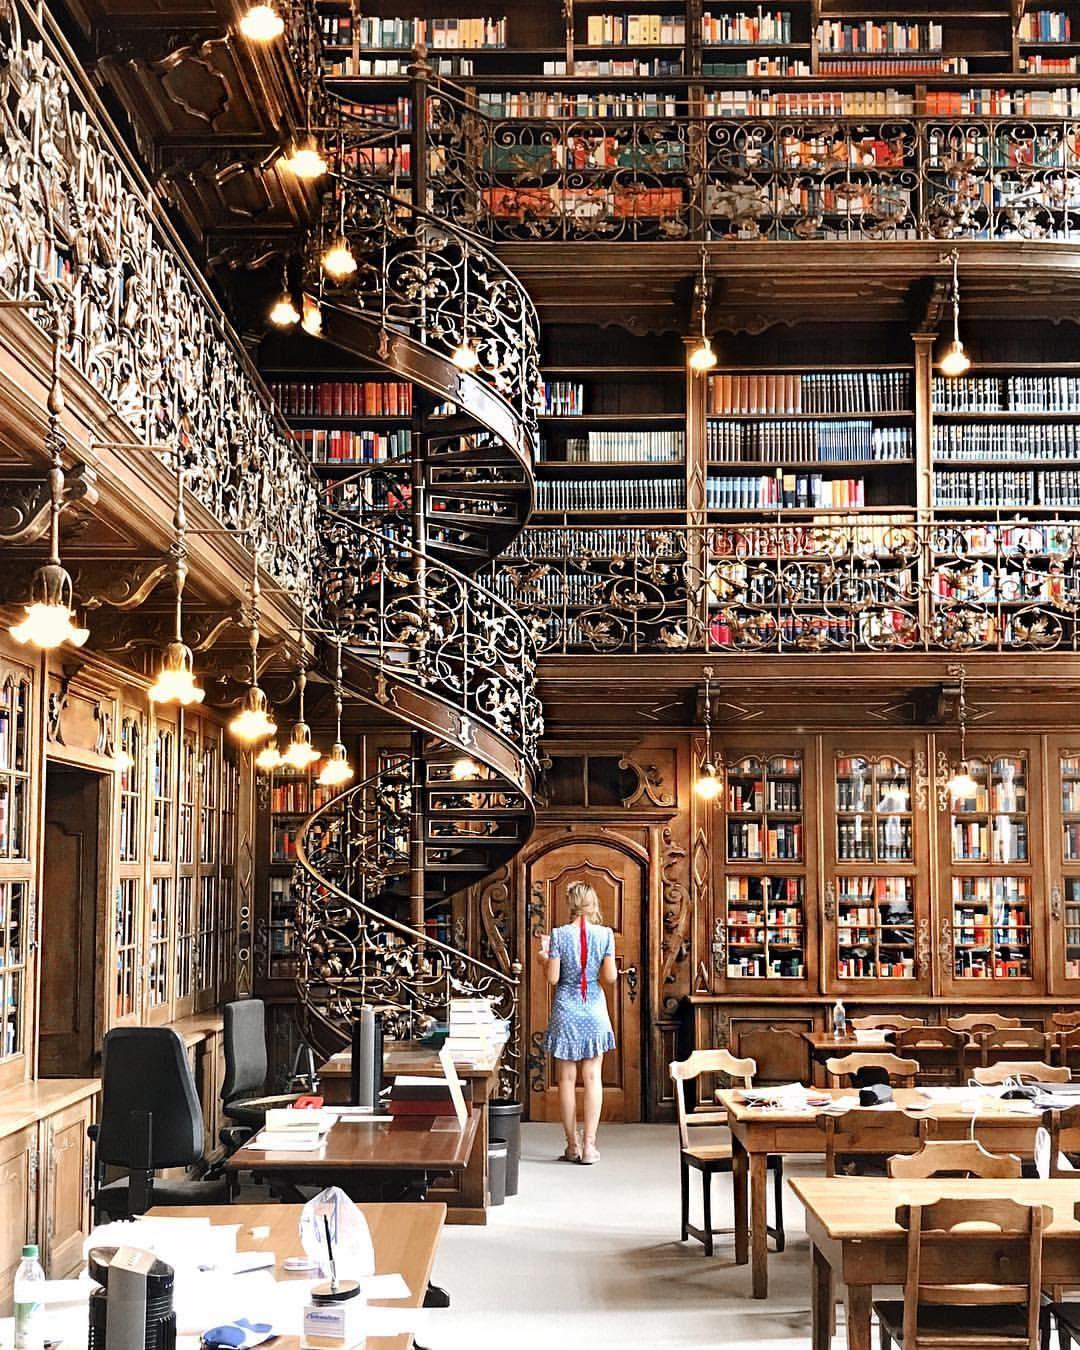 Juristich Bibliothek